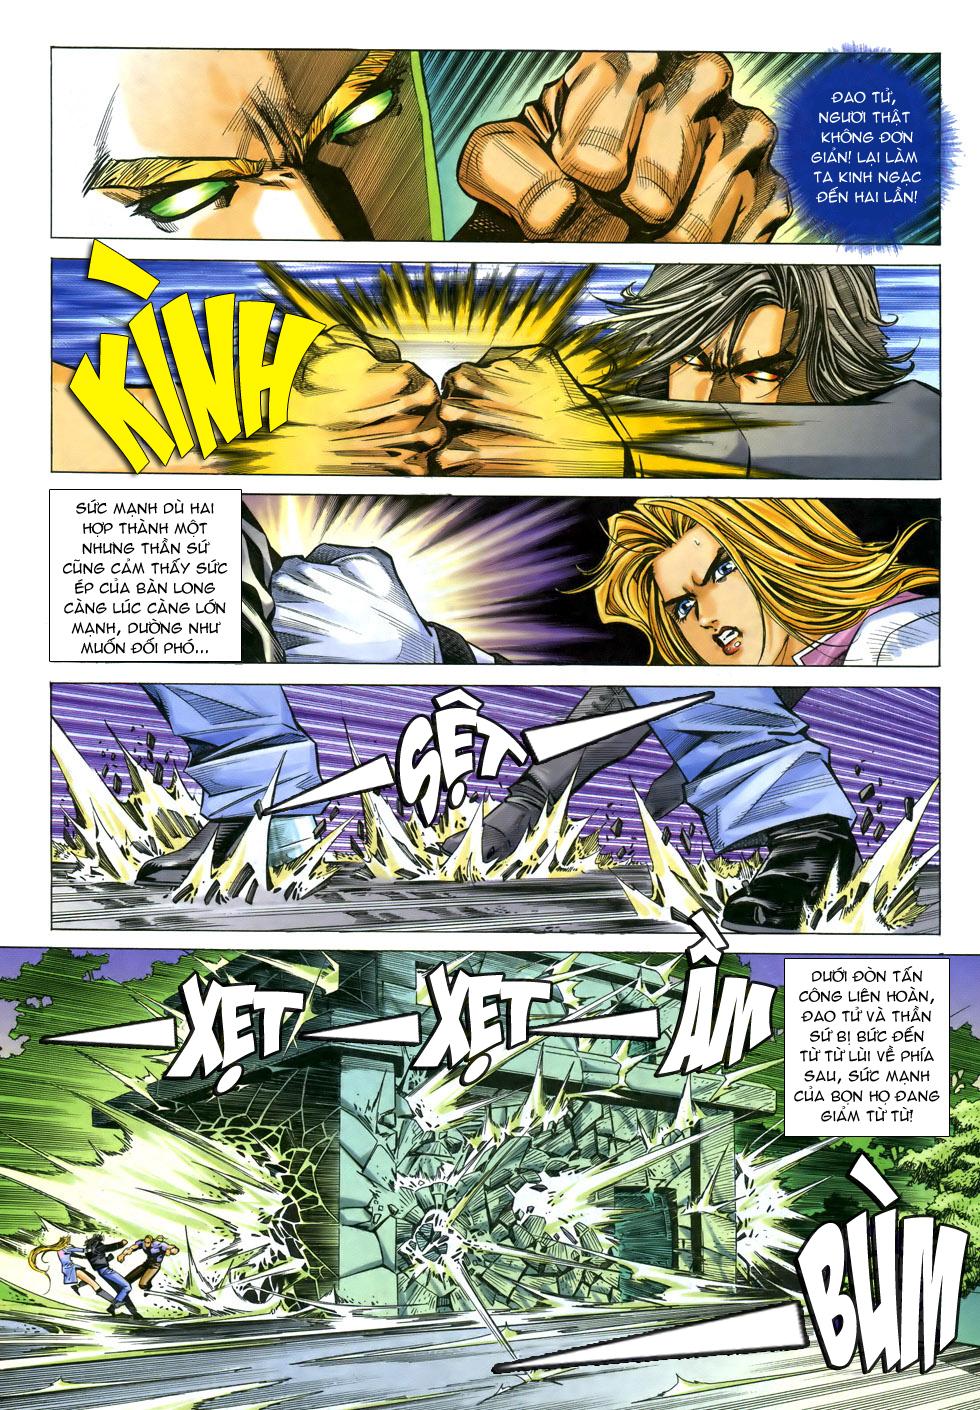 X Bạo Tộc chap 33 - Trang 24